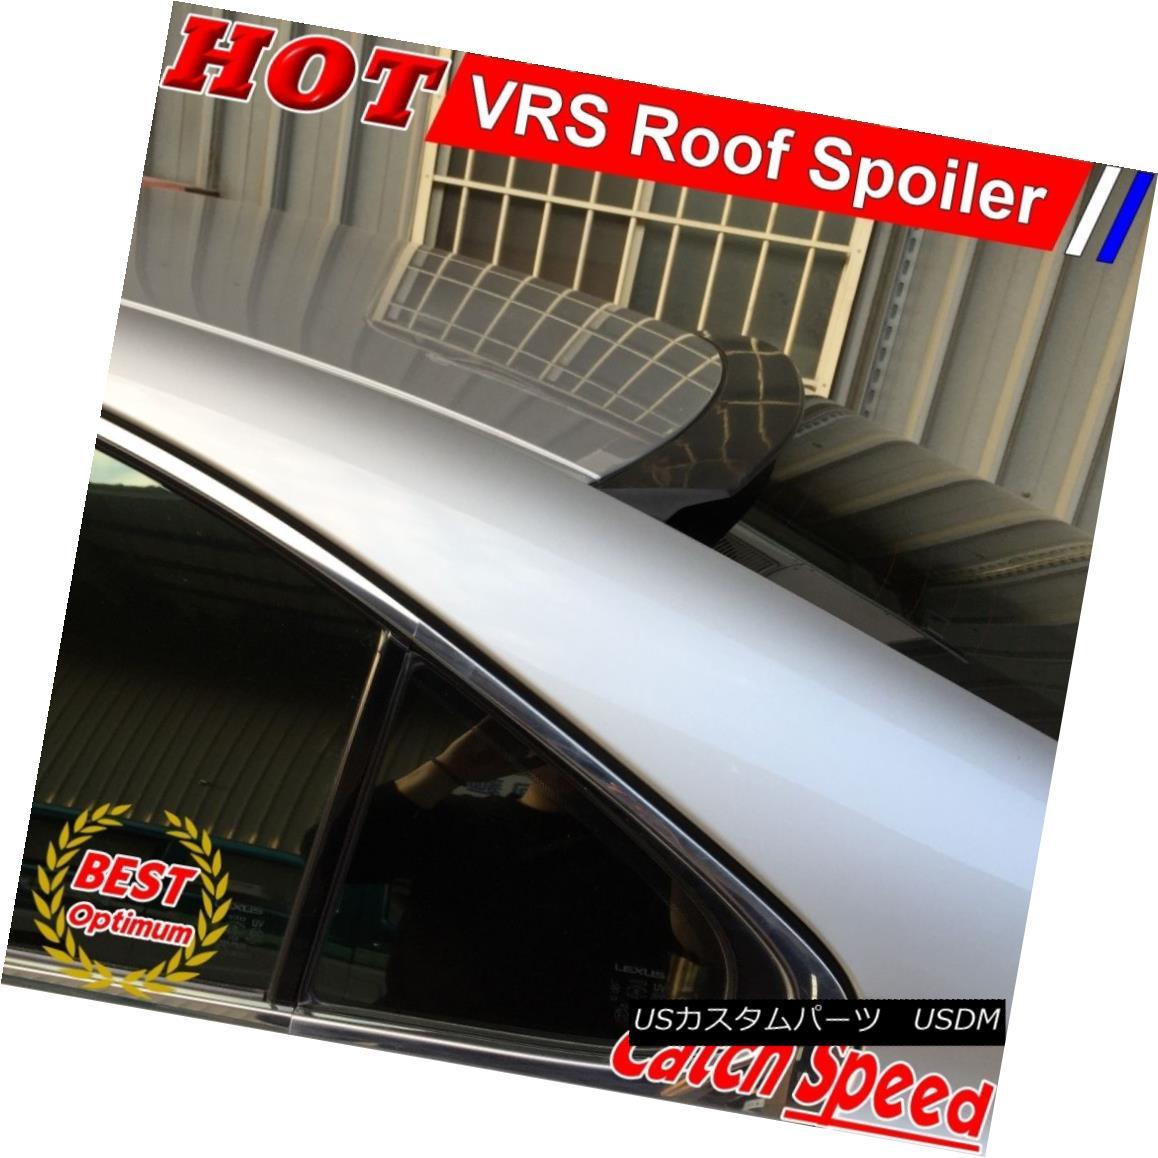 エアロパーツ Flat Black VRS Type Rear Roof Spoiler Wing For Infiniti Q50 V37 Sedan 2014-2015 インフィニティQ50 V37セダン2014-2015用フラットブラックVRSタイプリアルーフスポイラーウイング